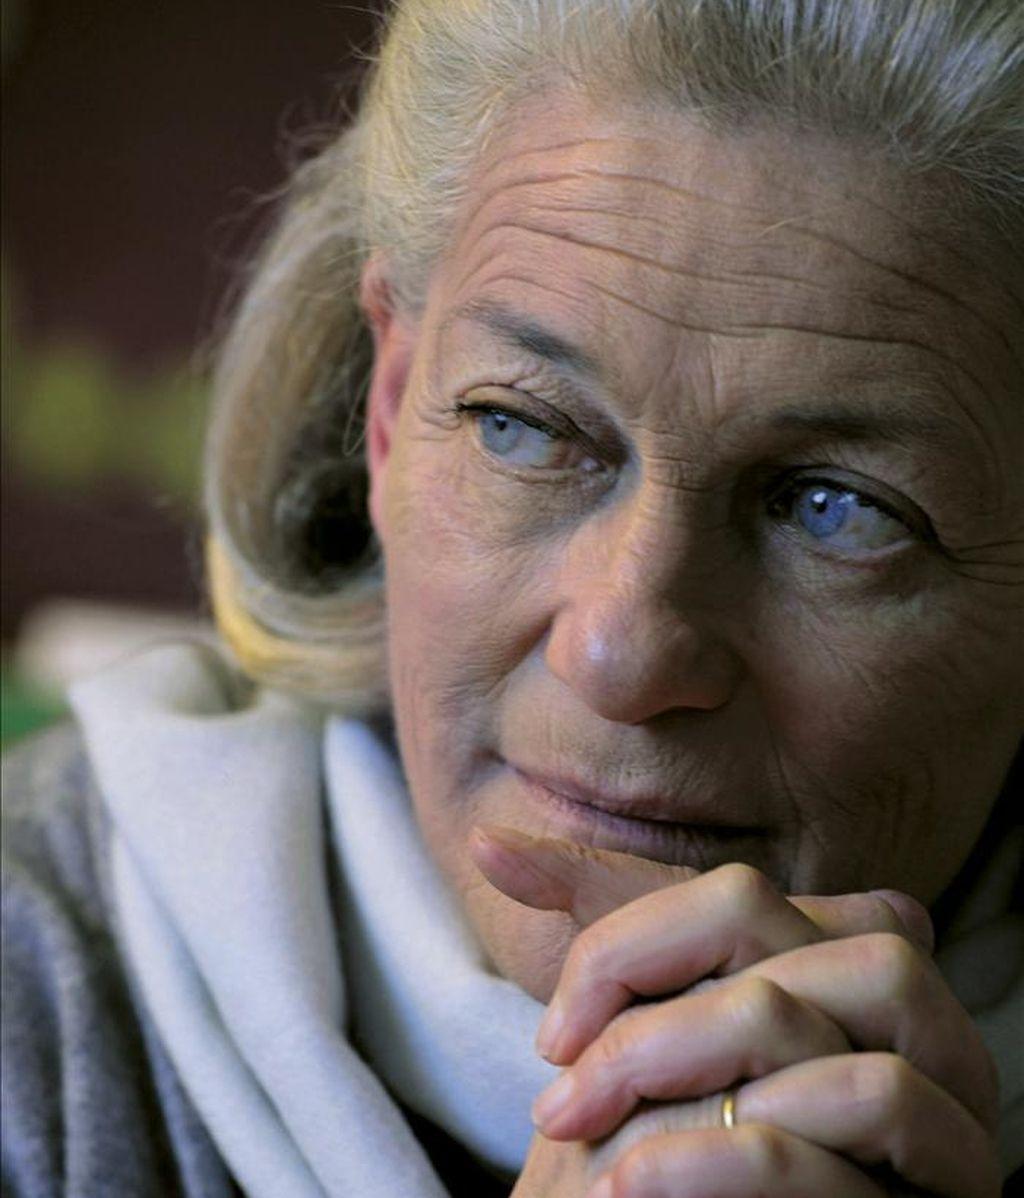 La filósofa francesa Elisabeth Badinter, quien en una entrevista telefónica con Efe dice que la madre perfecta no existe y alerta contra las nefastas consecuencias que la actual ofensiva naturalista puede tener en las conquistas de la mujer y defiende una maternidad en equilibrio con otras aspiraciones personales y profesionales. EFE